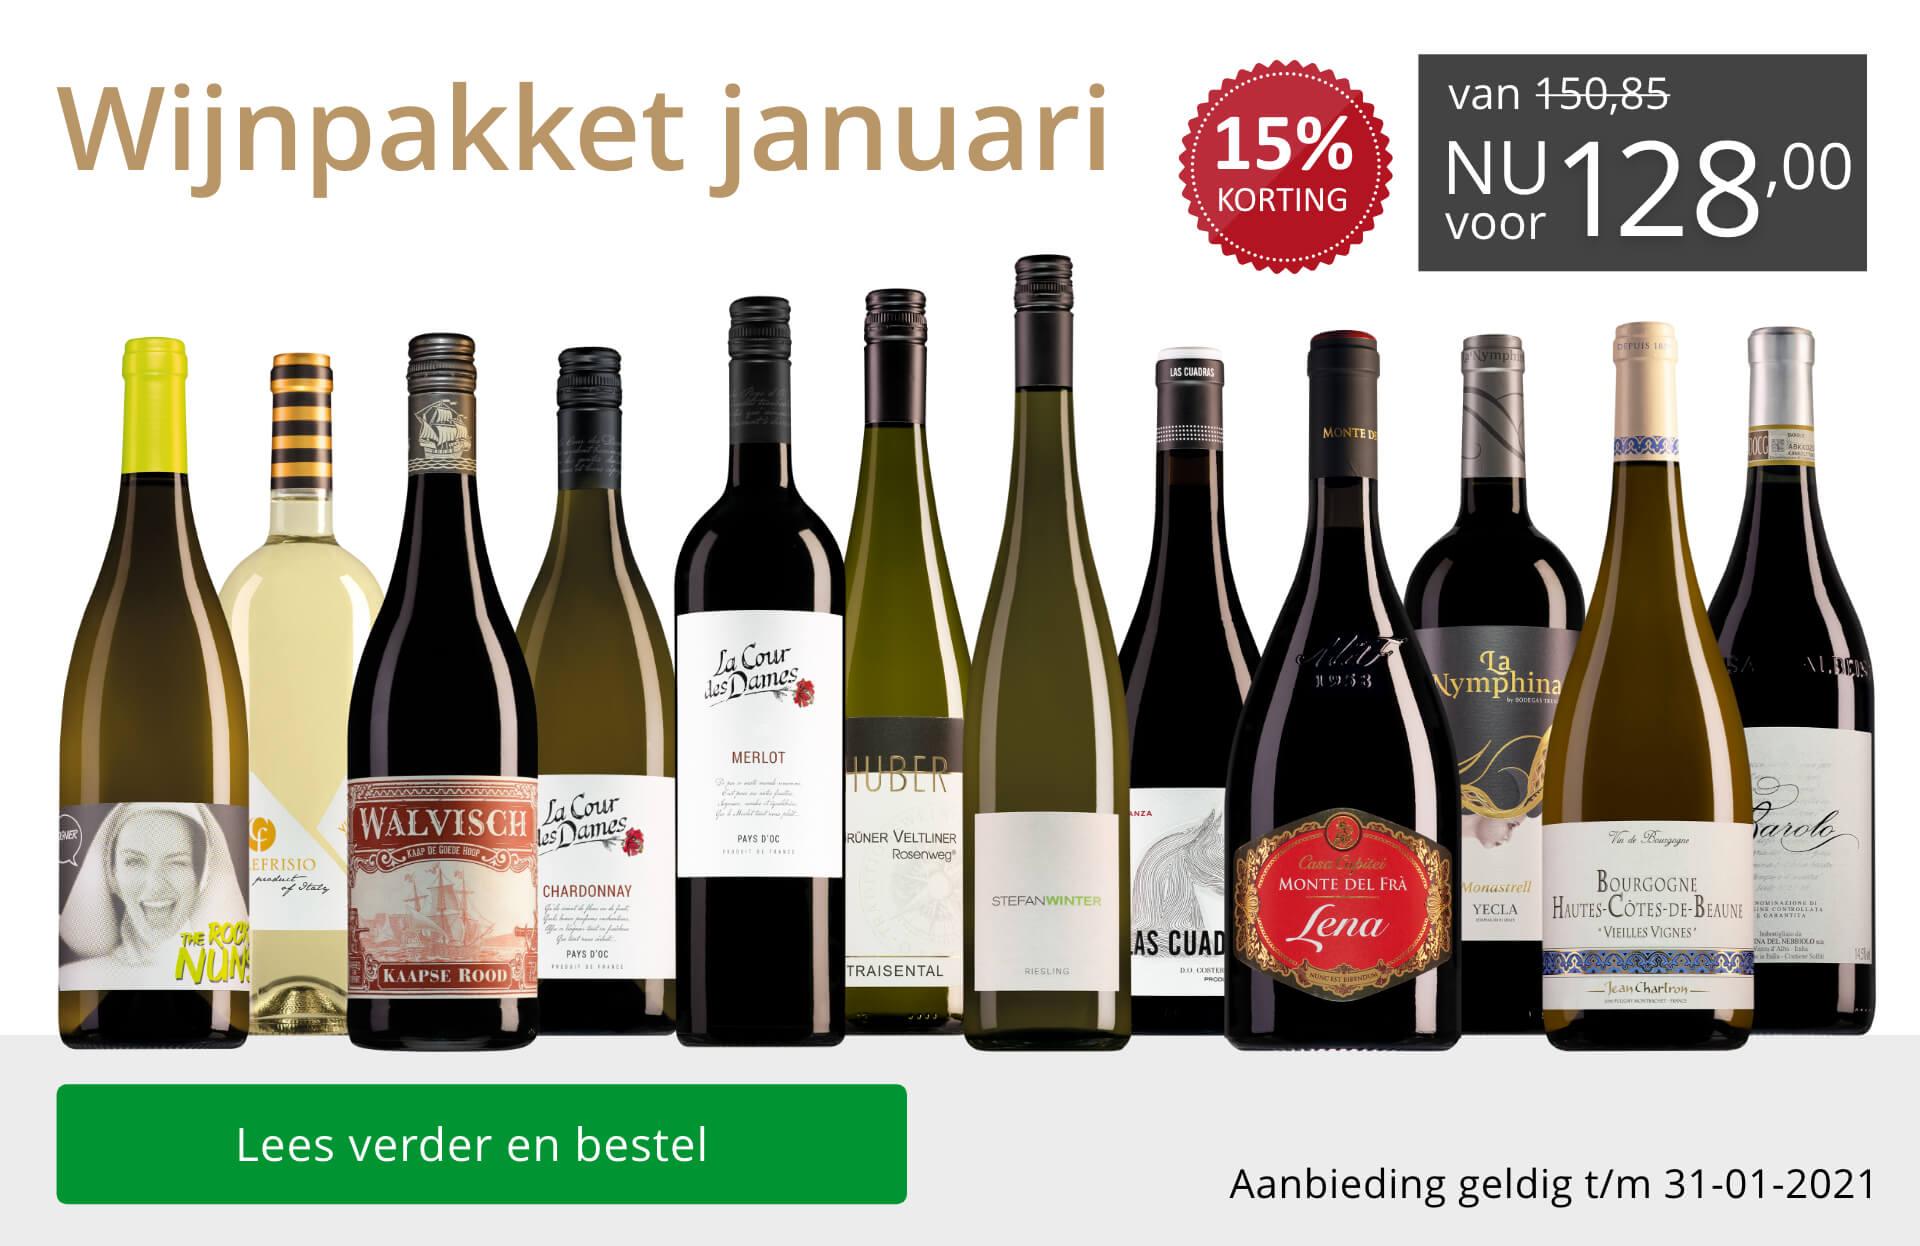 Wijnpakket wijnbericht januari 2021 (128,00) - grijs/goud